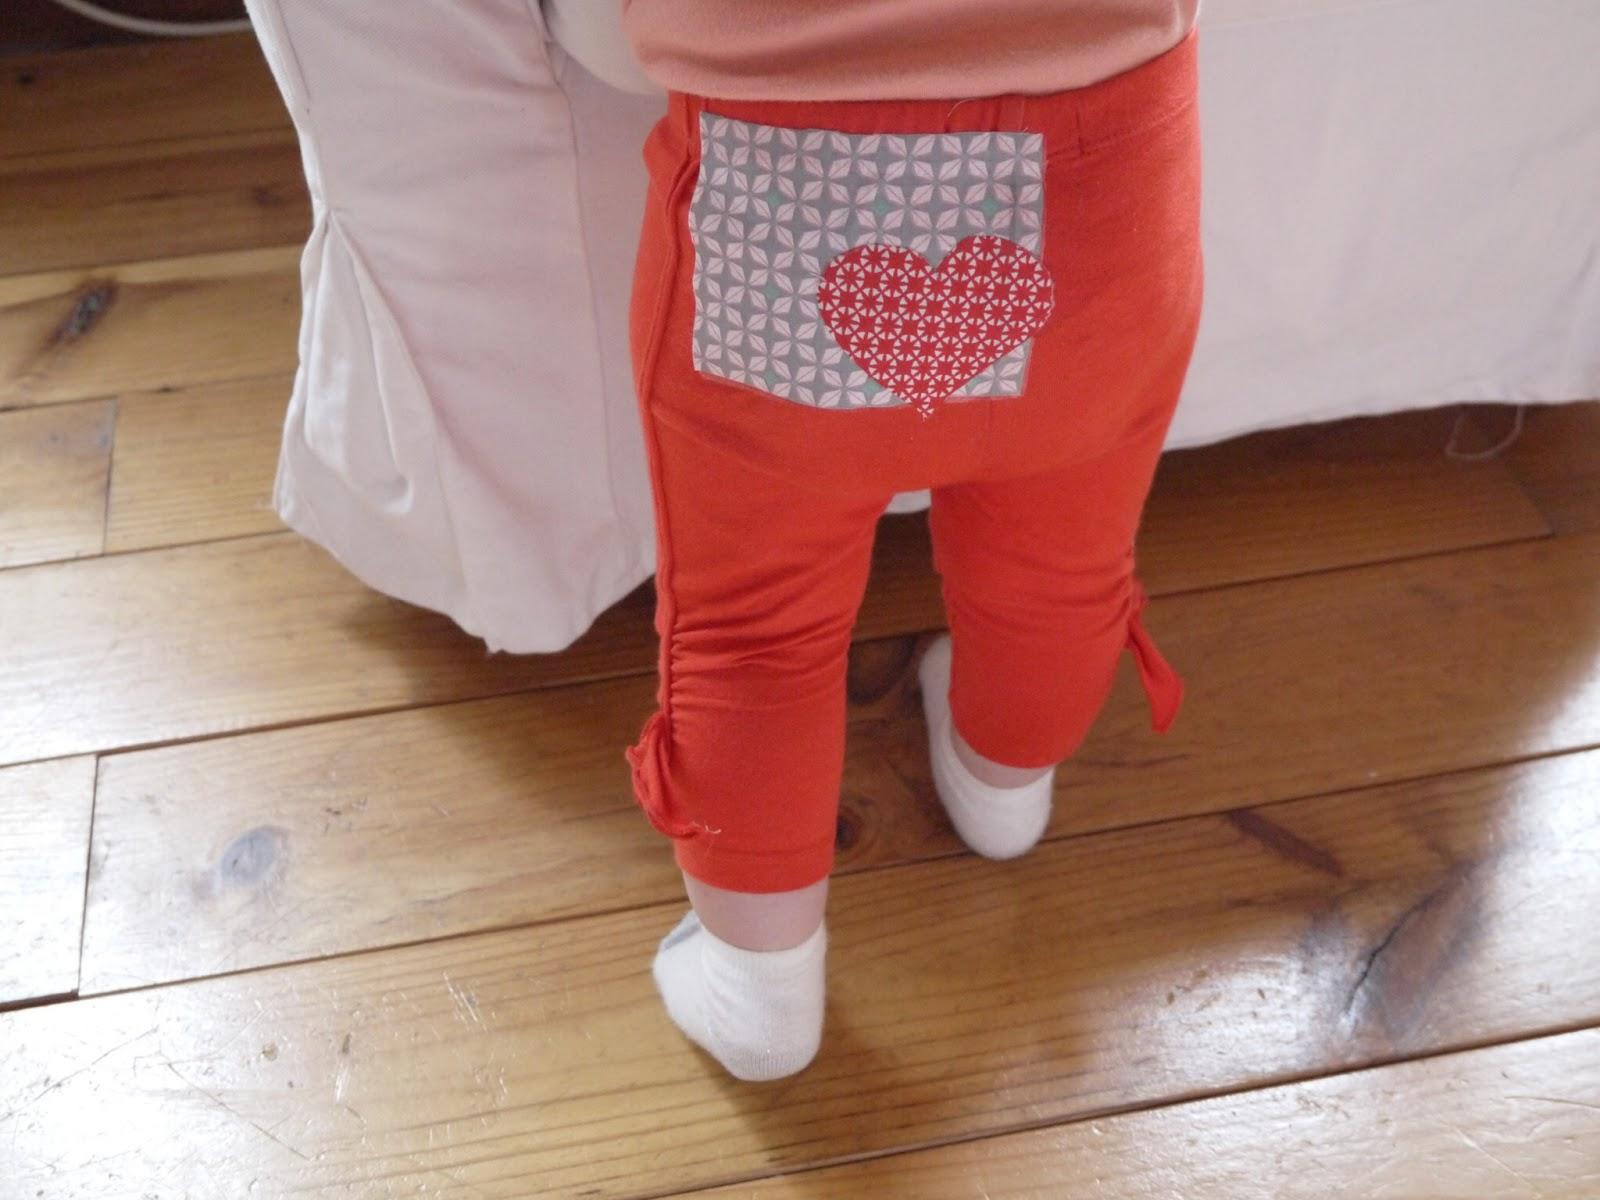 raccommodé un trou dans un pantalon avec une pièce de tissu